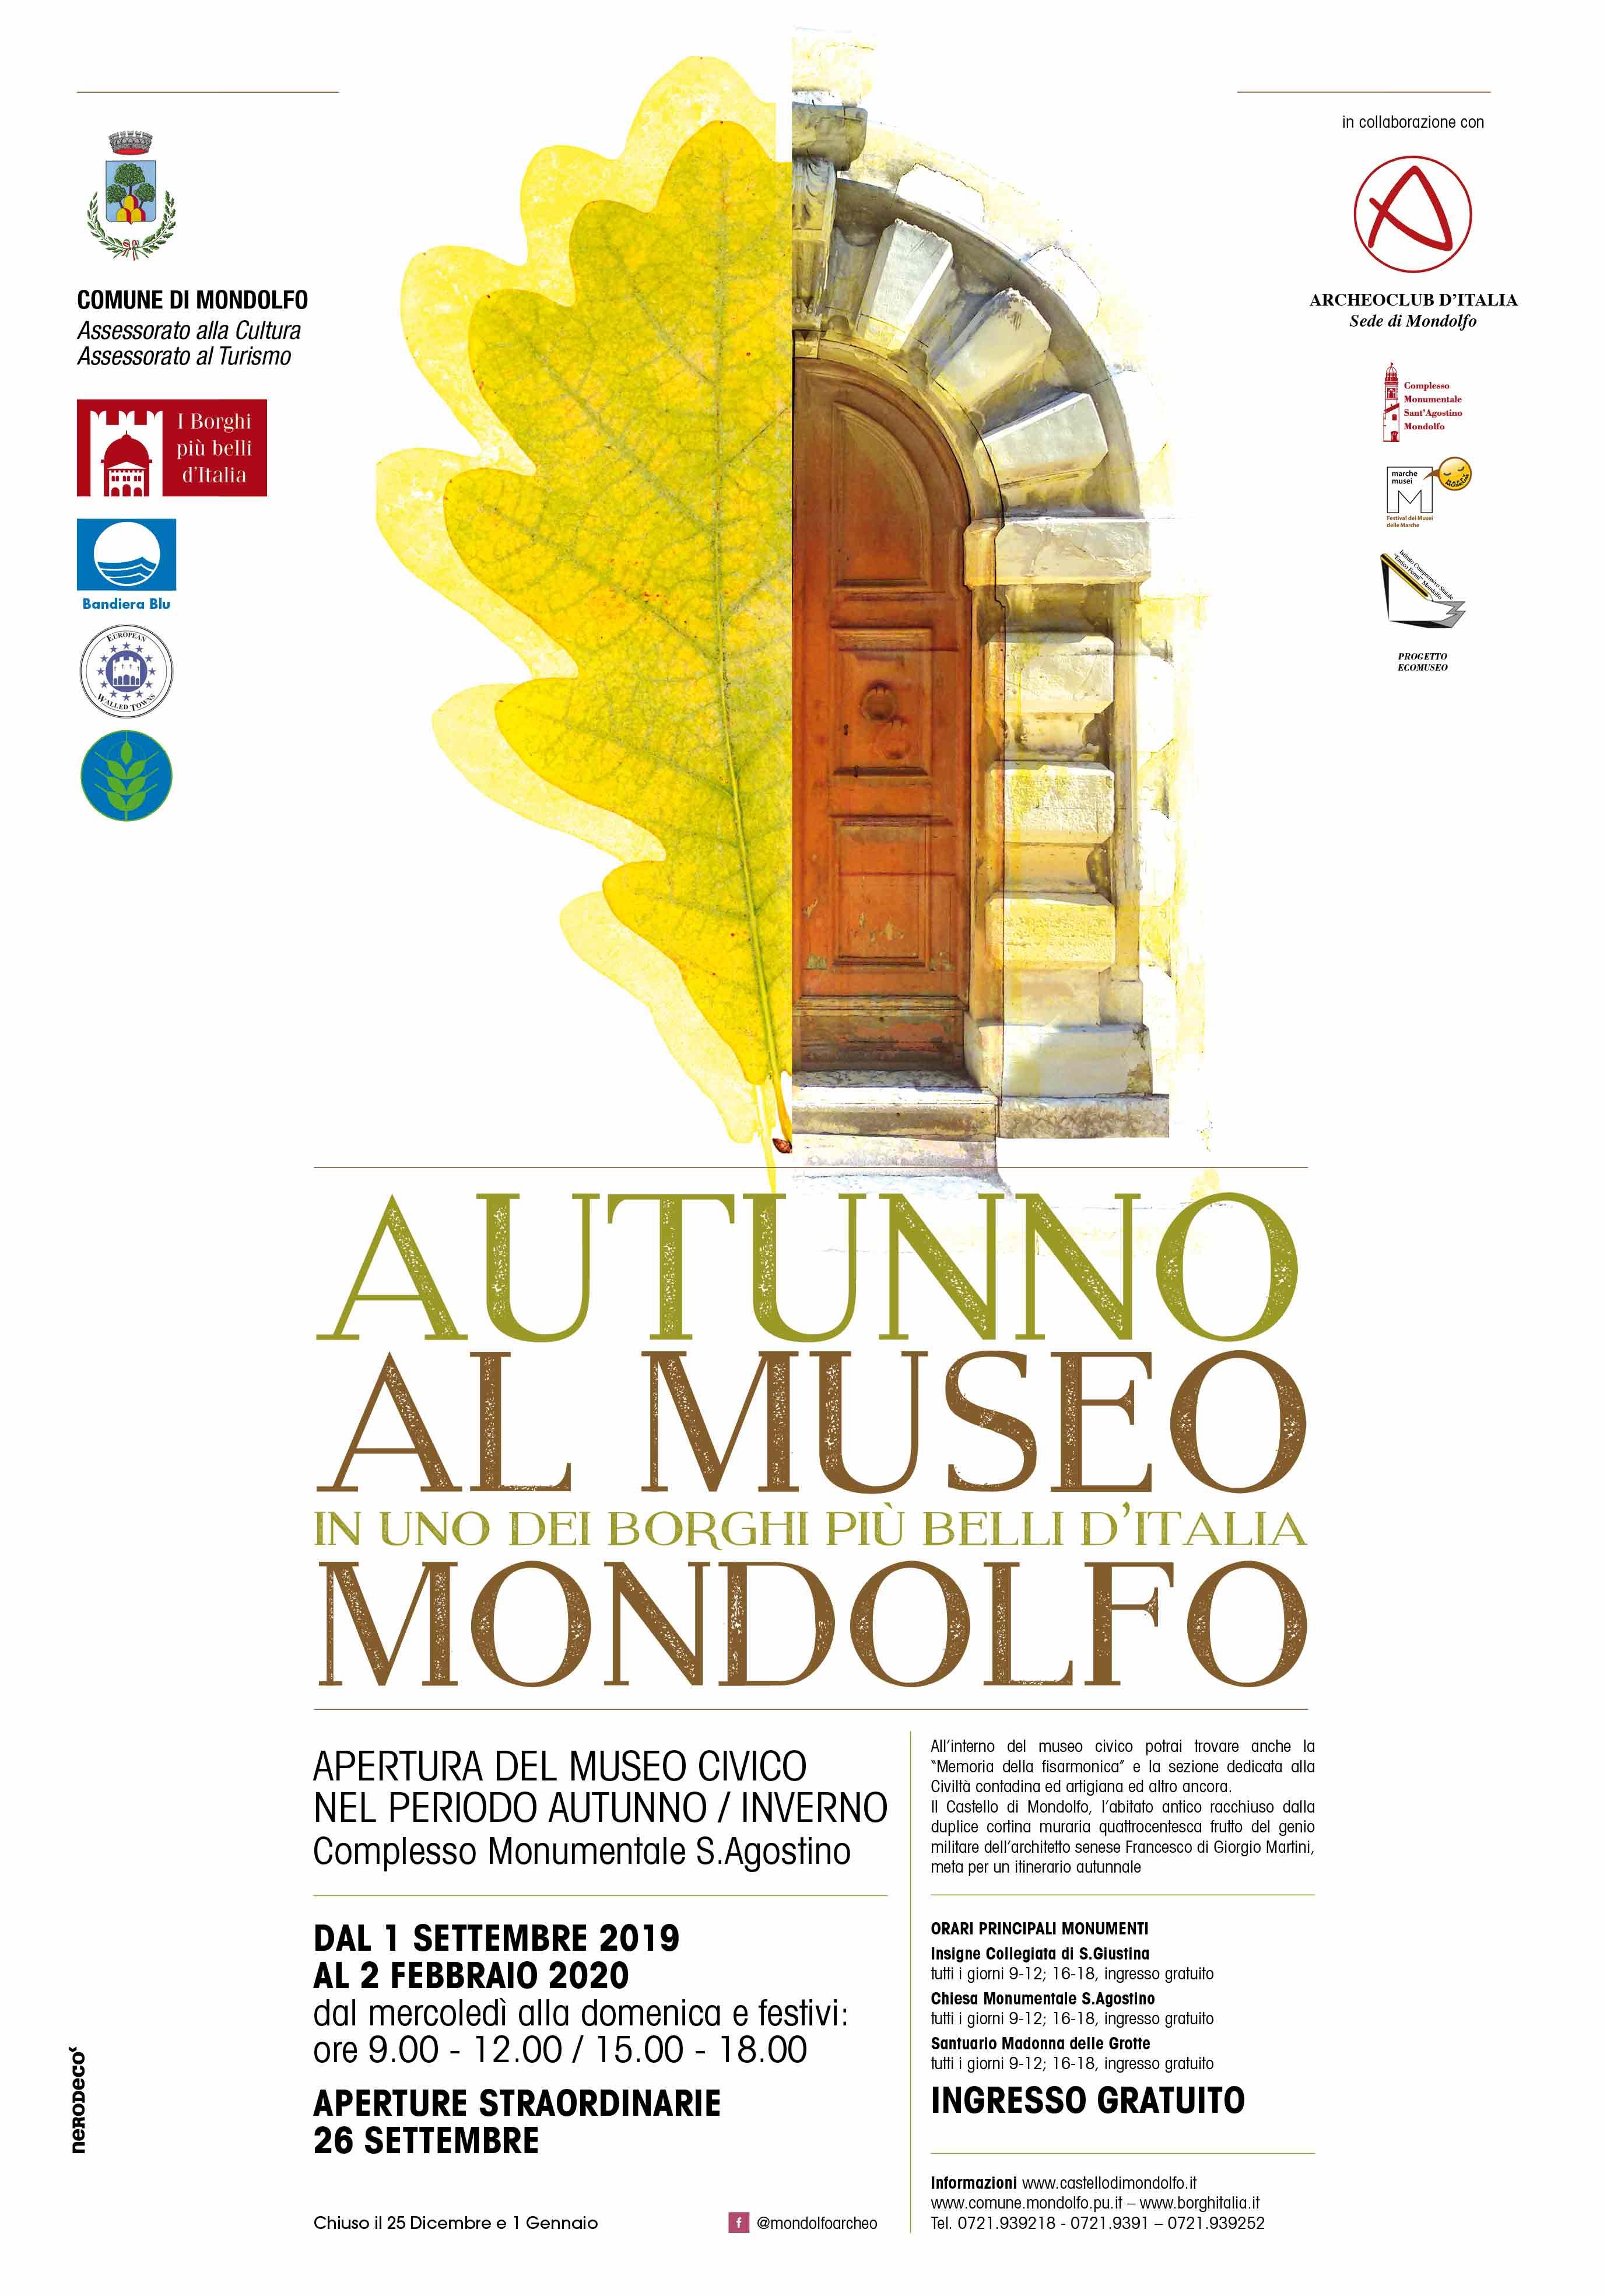 Autunno ai Musei Civici per ricordare usi e costumi della tradizione marchigiana agricola ed artigiana